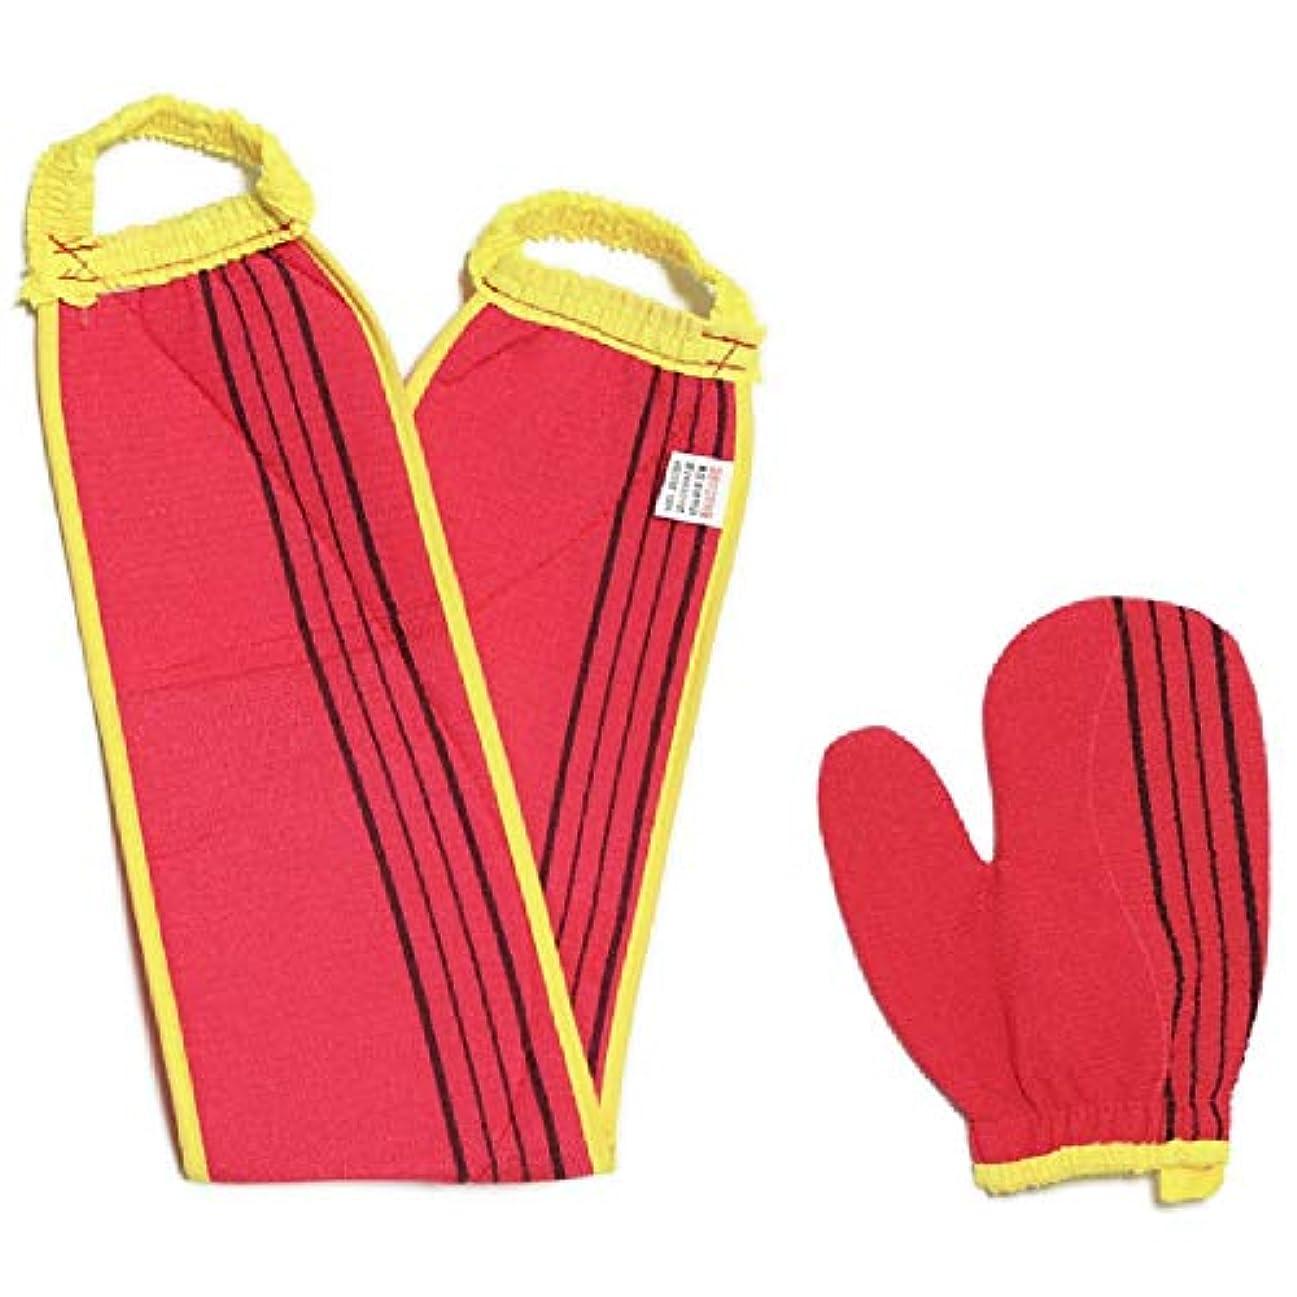 インシデント邪悪ないいね(韓国ブランド) スポンジあかすりセット 全身あかすり 手袋と背中のあかすり 全身エステ 両面つばあかすり お風呂グッズ ボディタオル ボディースポンジ (赤色セット)